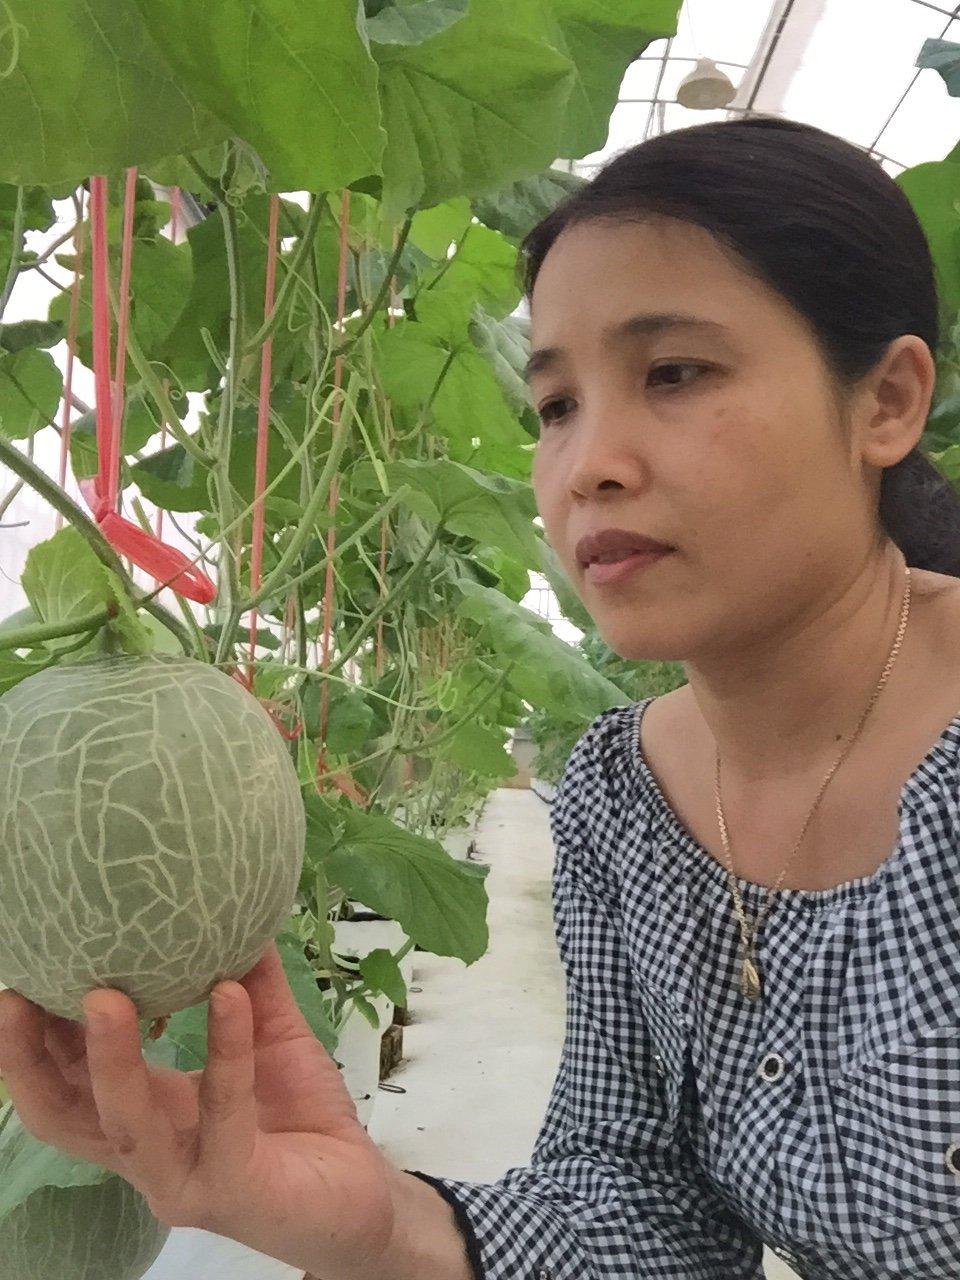 Vườn dưa lưới Hà Tĩnh khách đổ xô tham quan